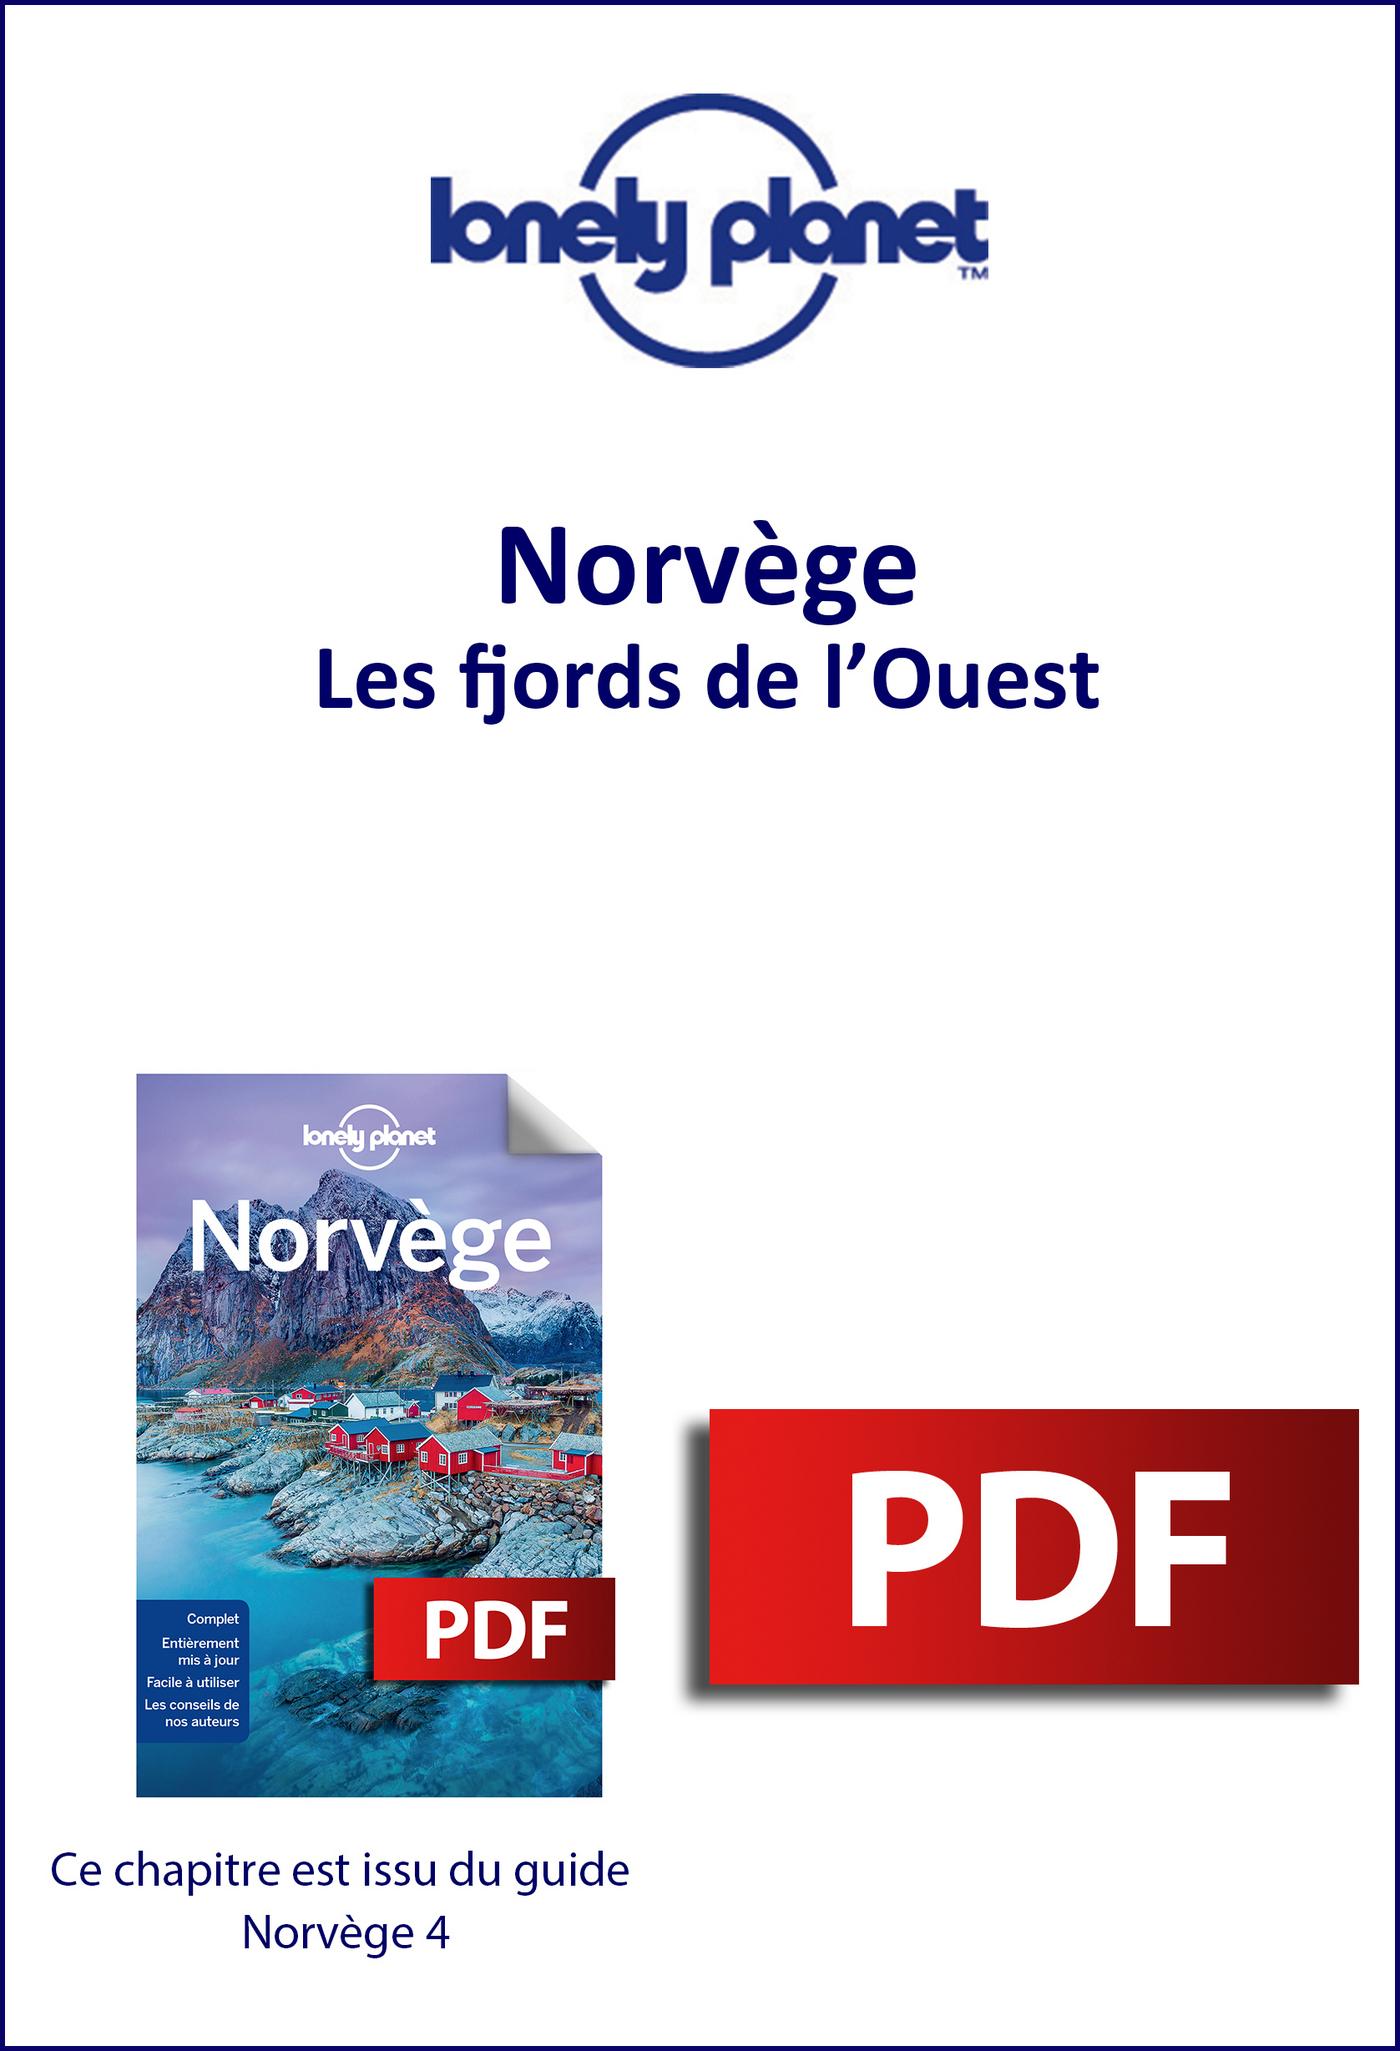 Norvège - Les fjords de l'Ouest